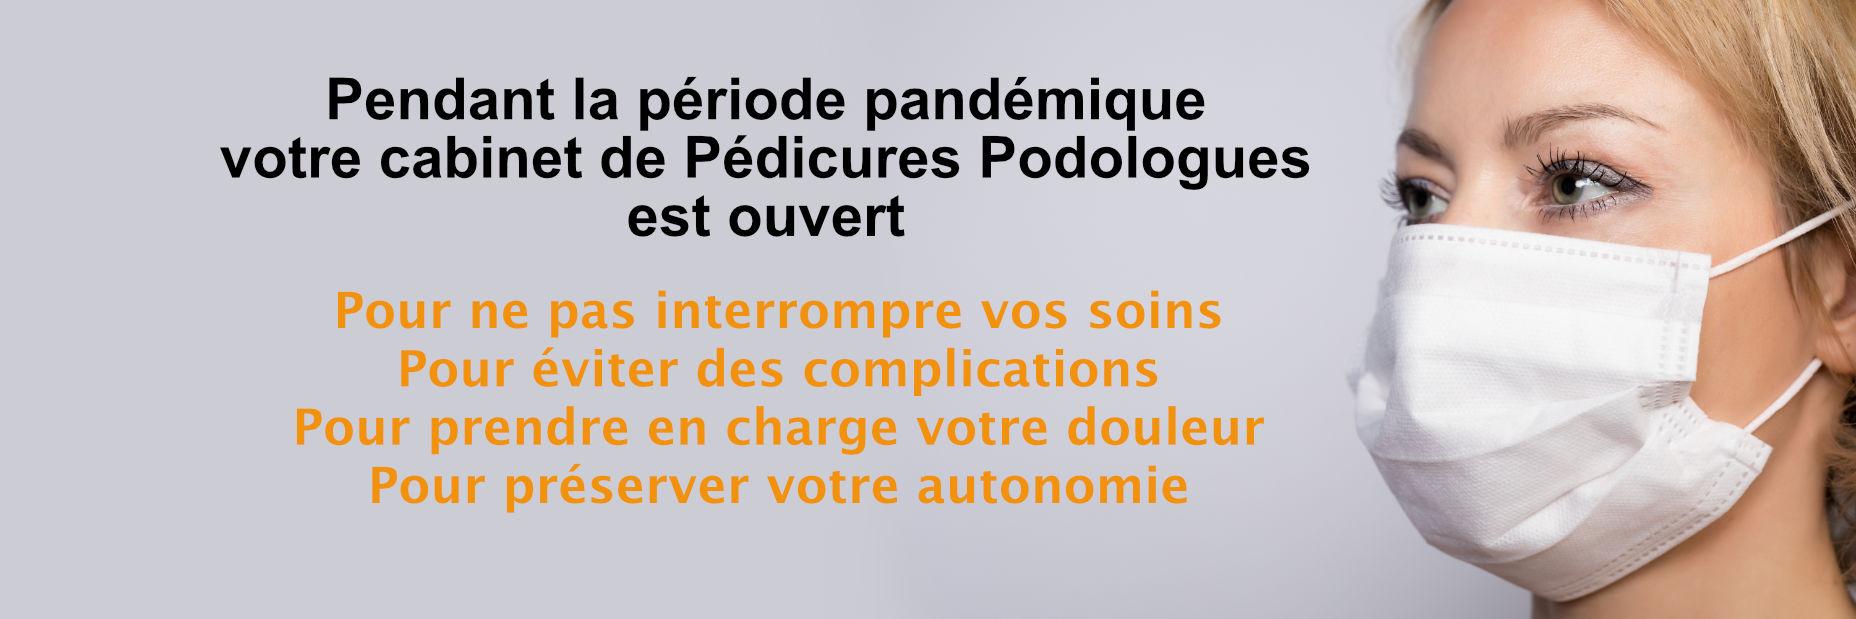 équipe Cabinet de podologie Montluçon